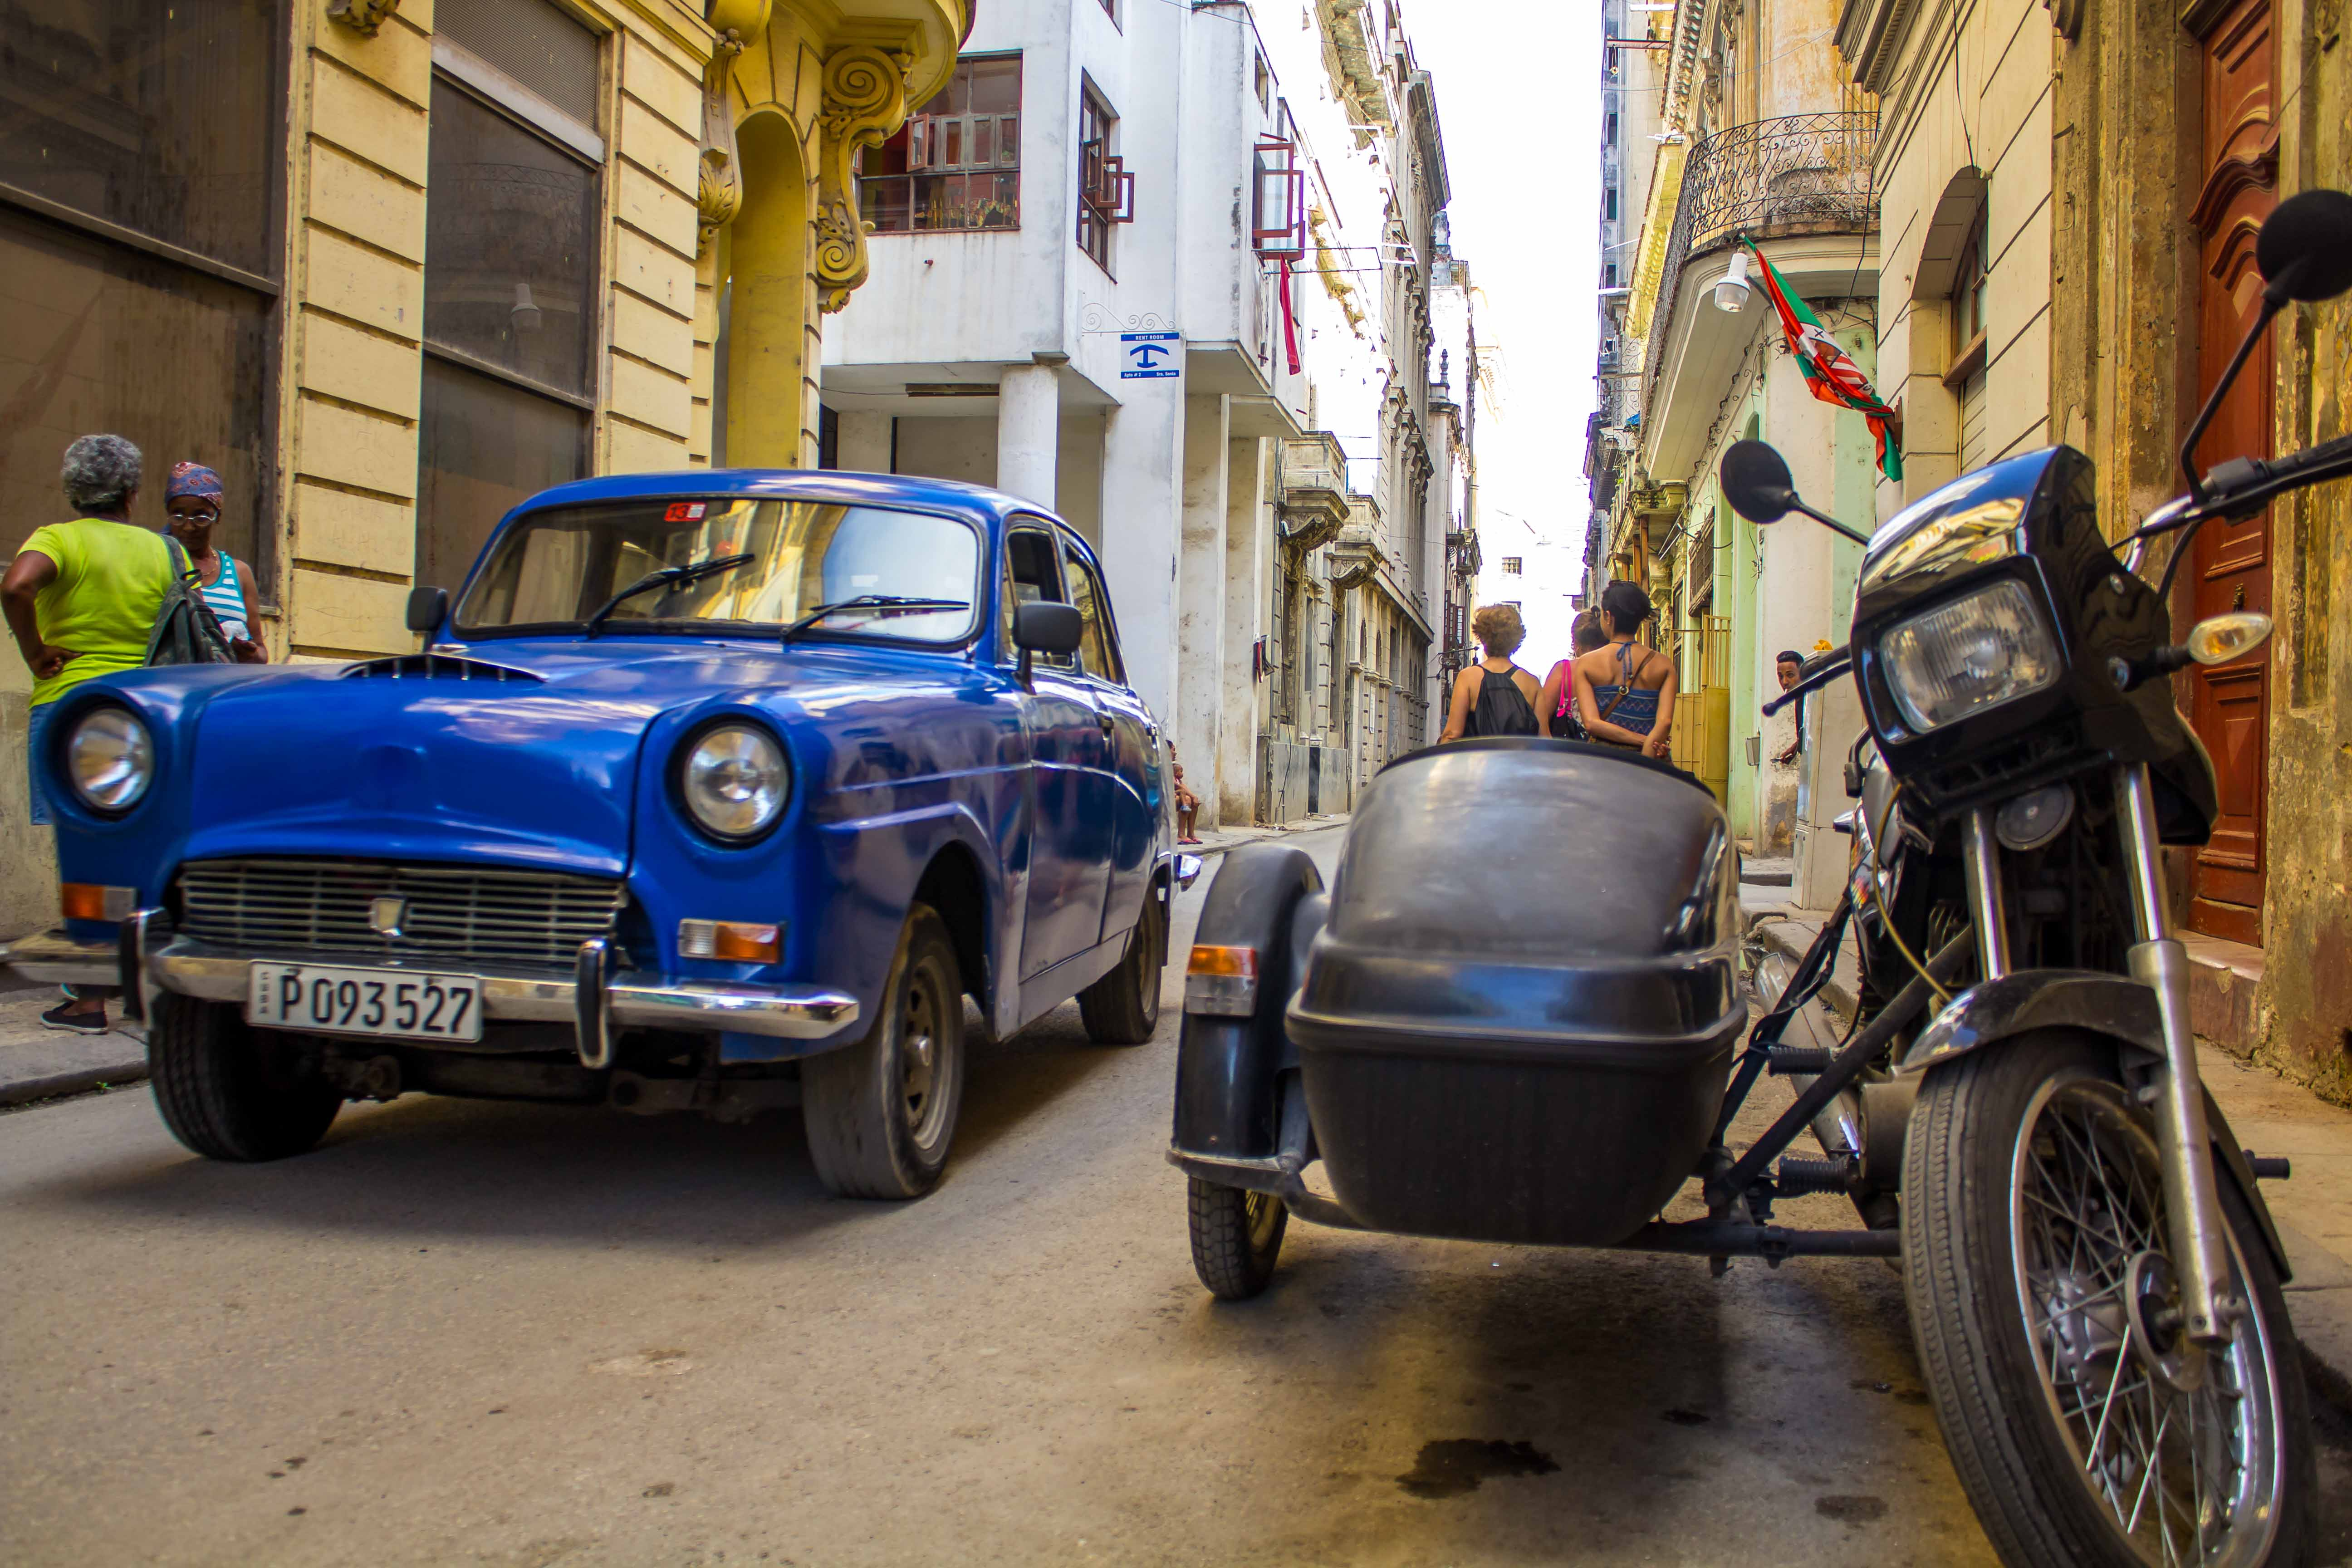 Automóvil y motocicleta antigua.